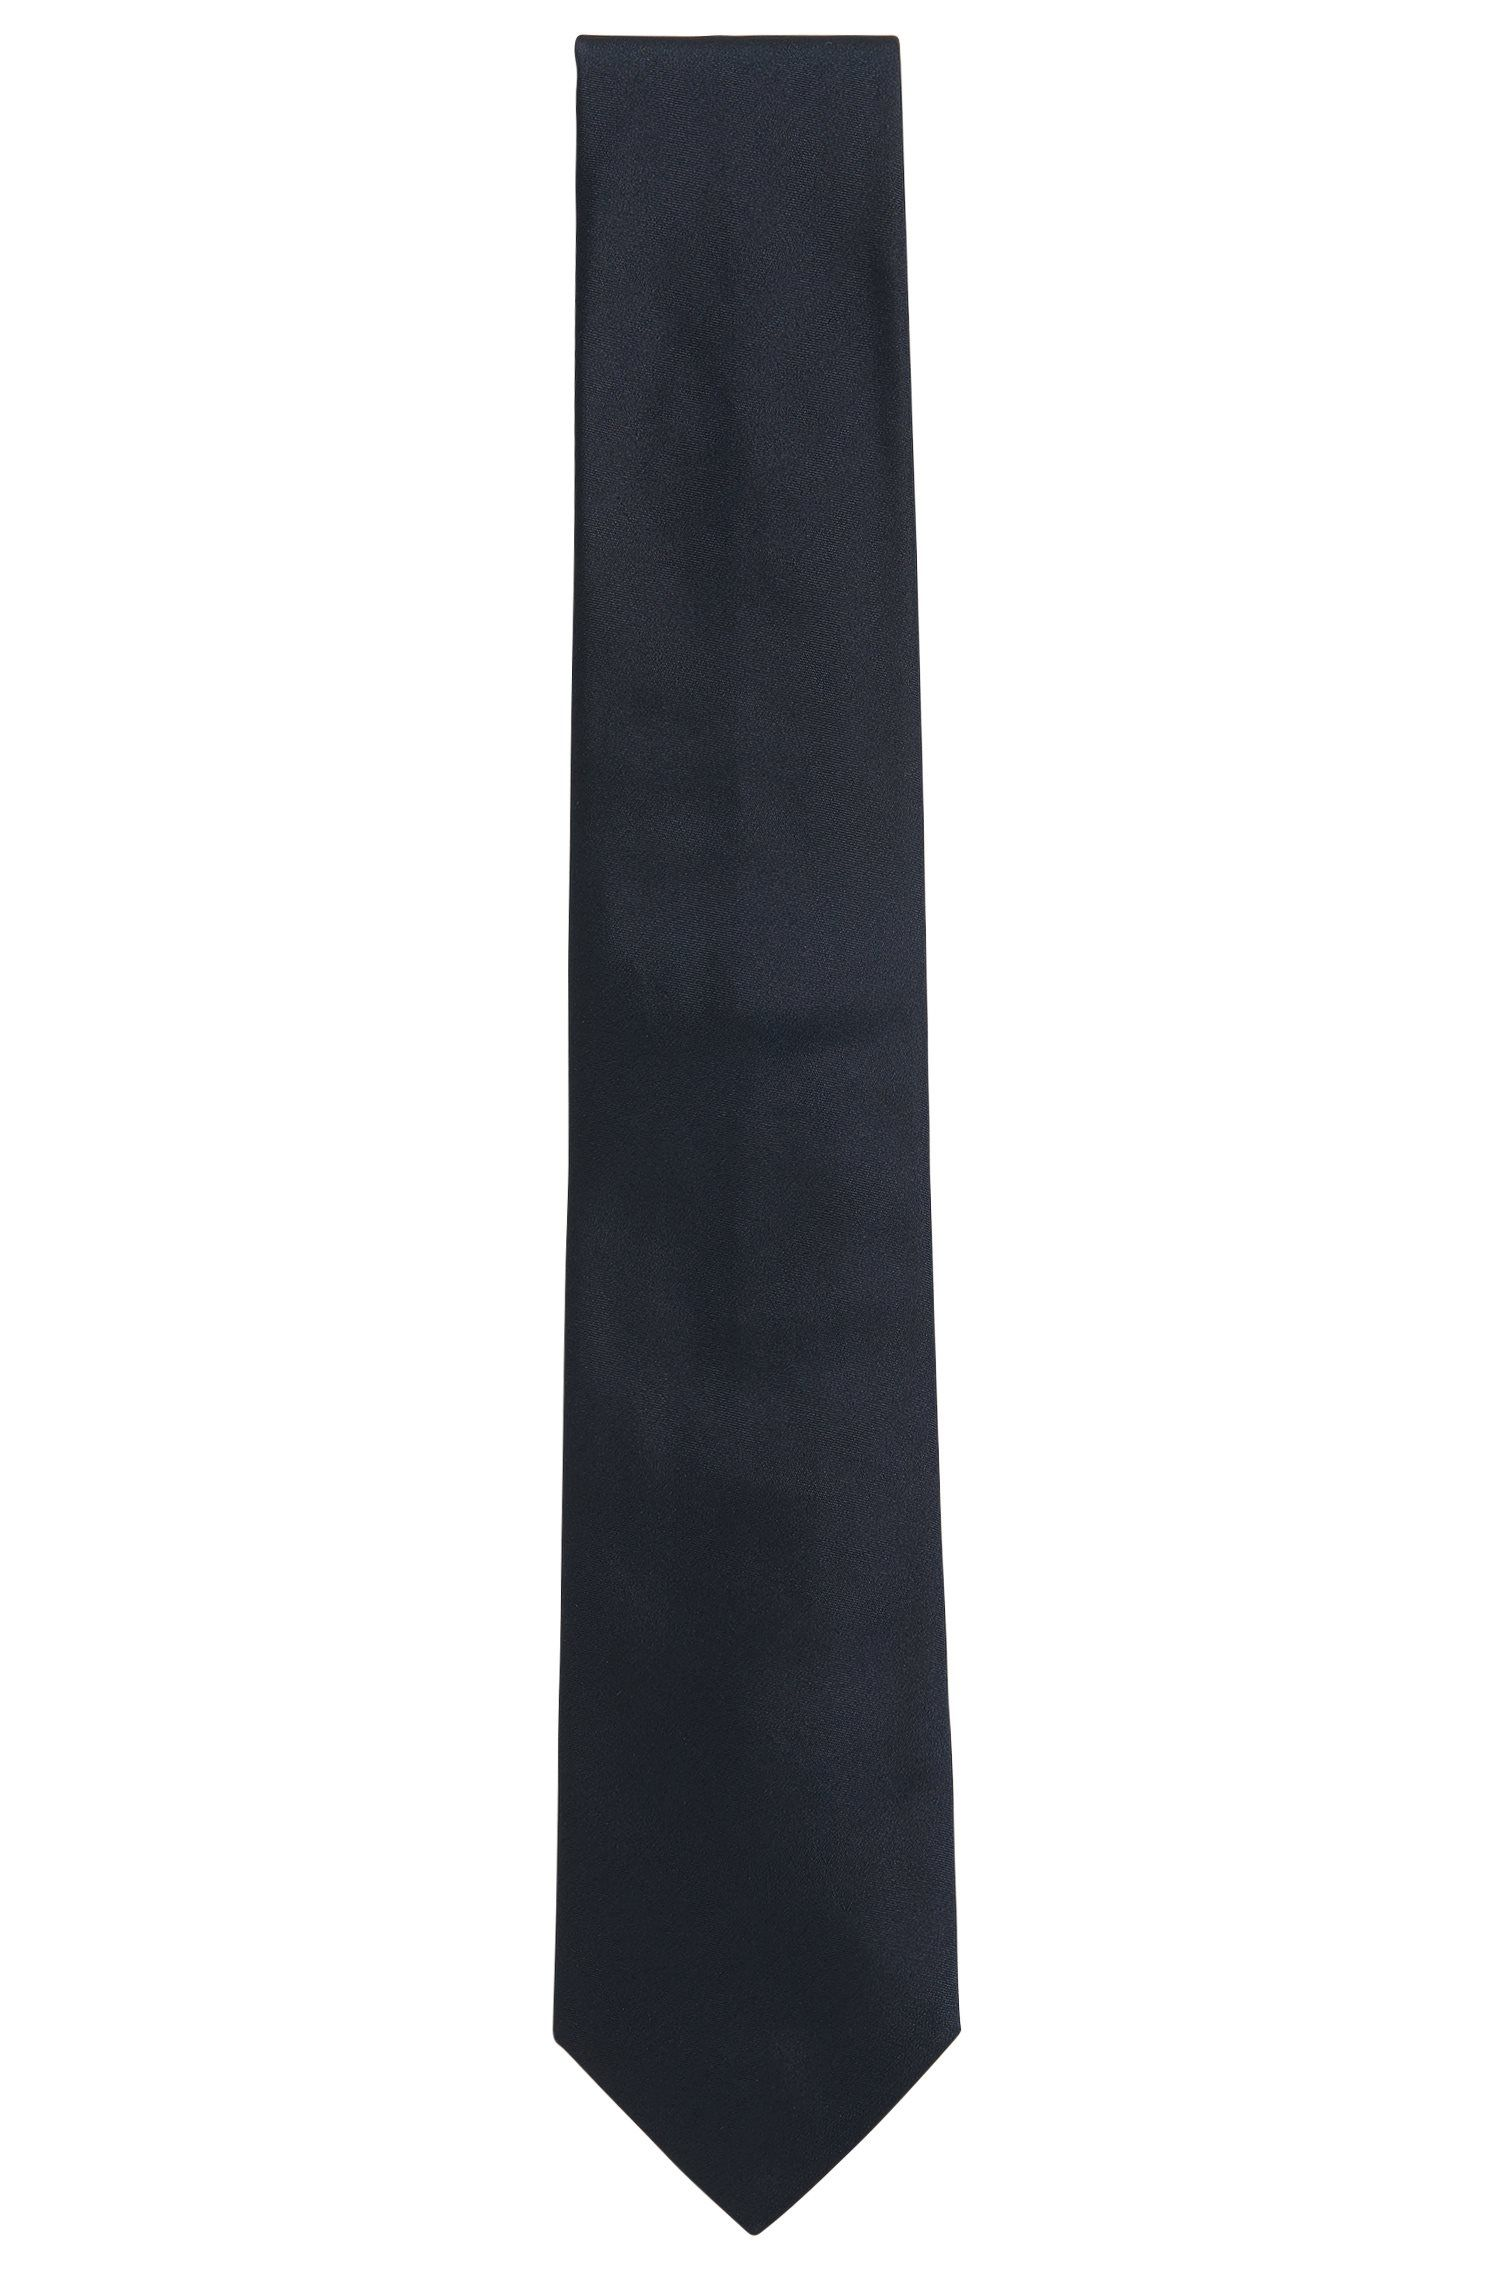 In Italië vervaardigde stropdas van zuiver zijde